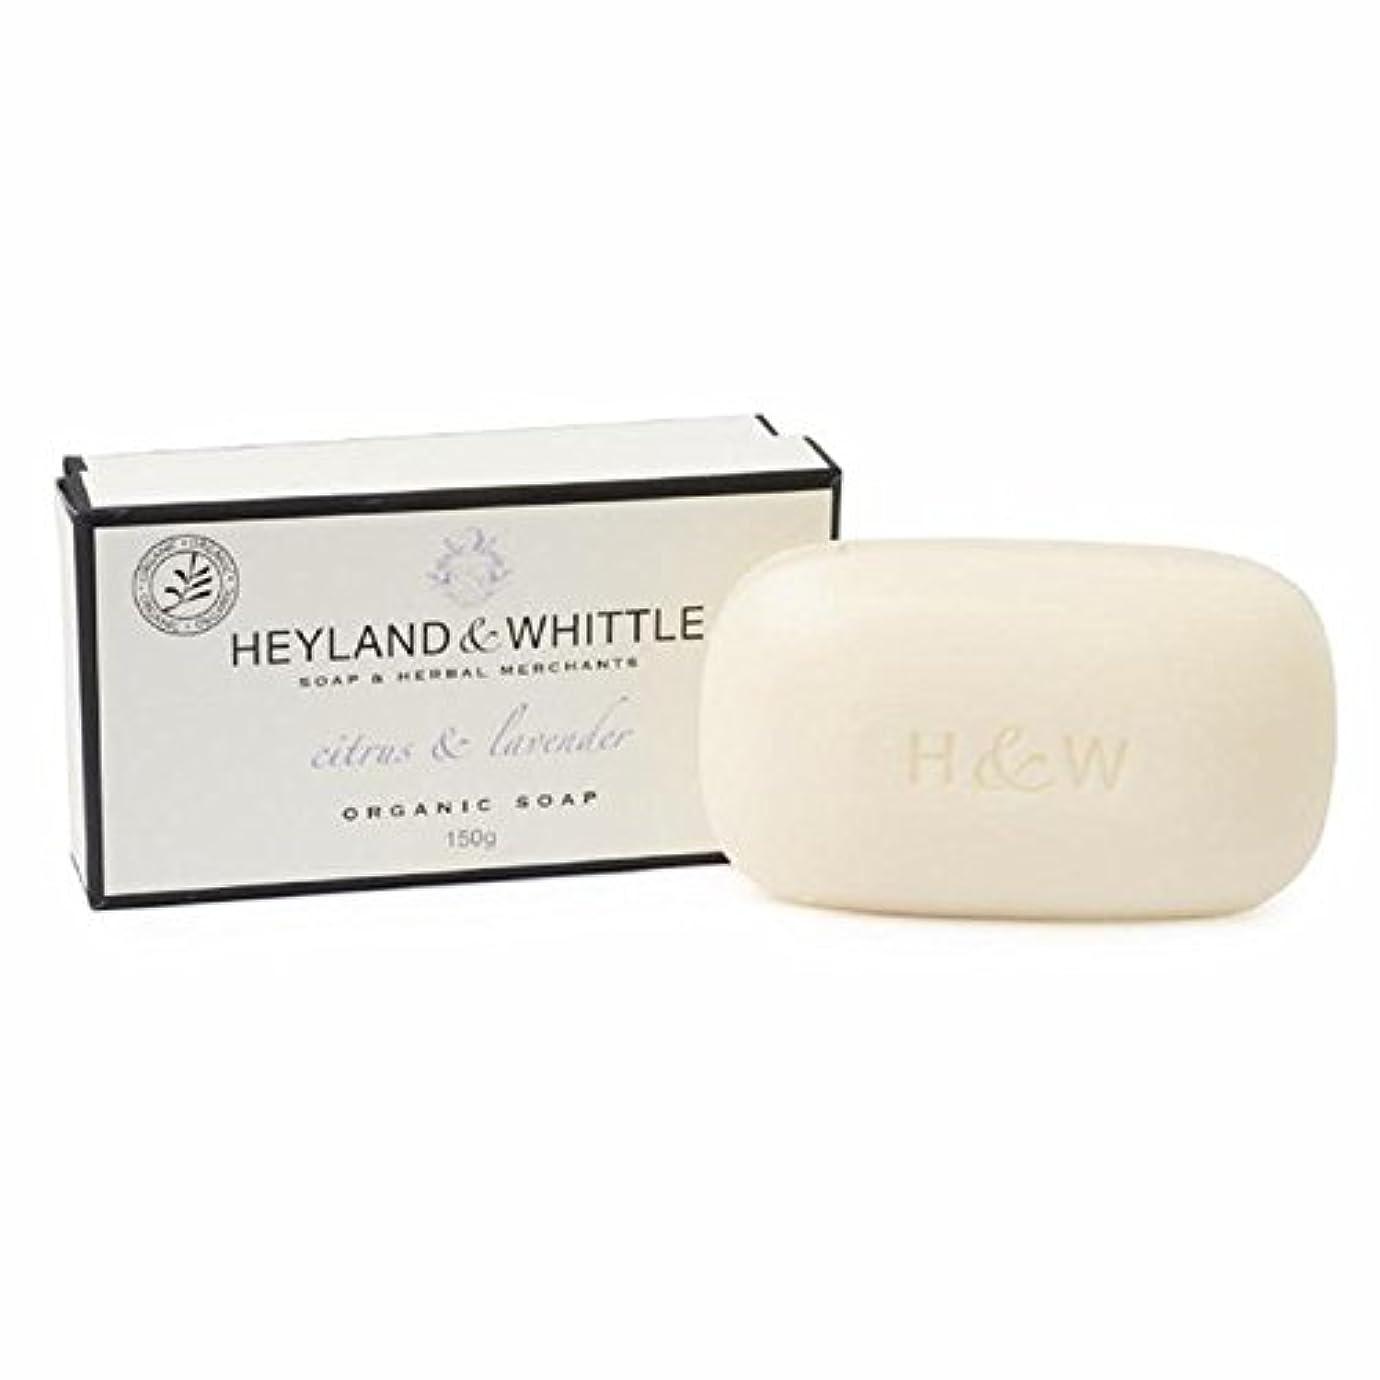 誇りパーツファイアル&削るシトラス&ラベンダーは、有機石鹸150グラム箱入り x4 - Heyland & Whittle Citrus & Lavender Boxed Organic Soap 150g (Pack of 4) [並行輸入品]